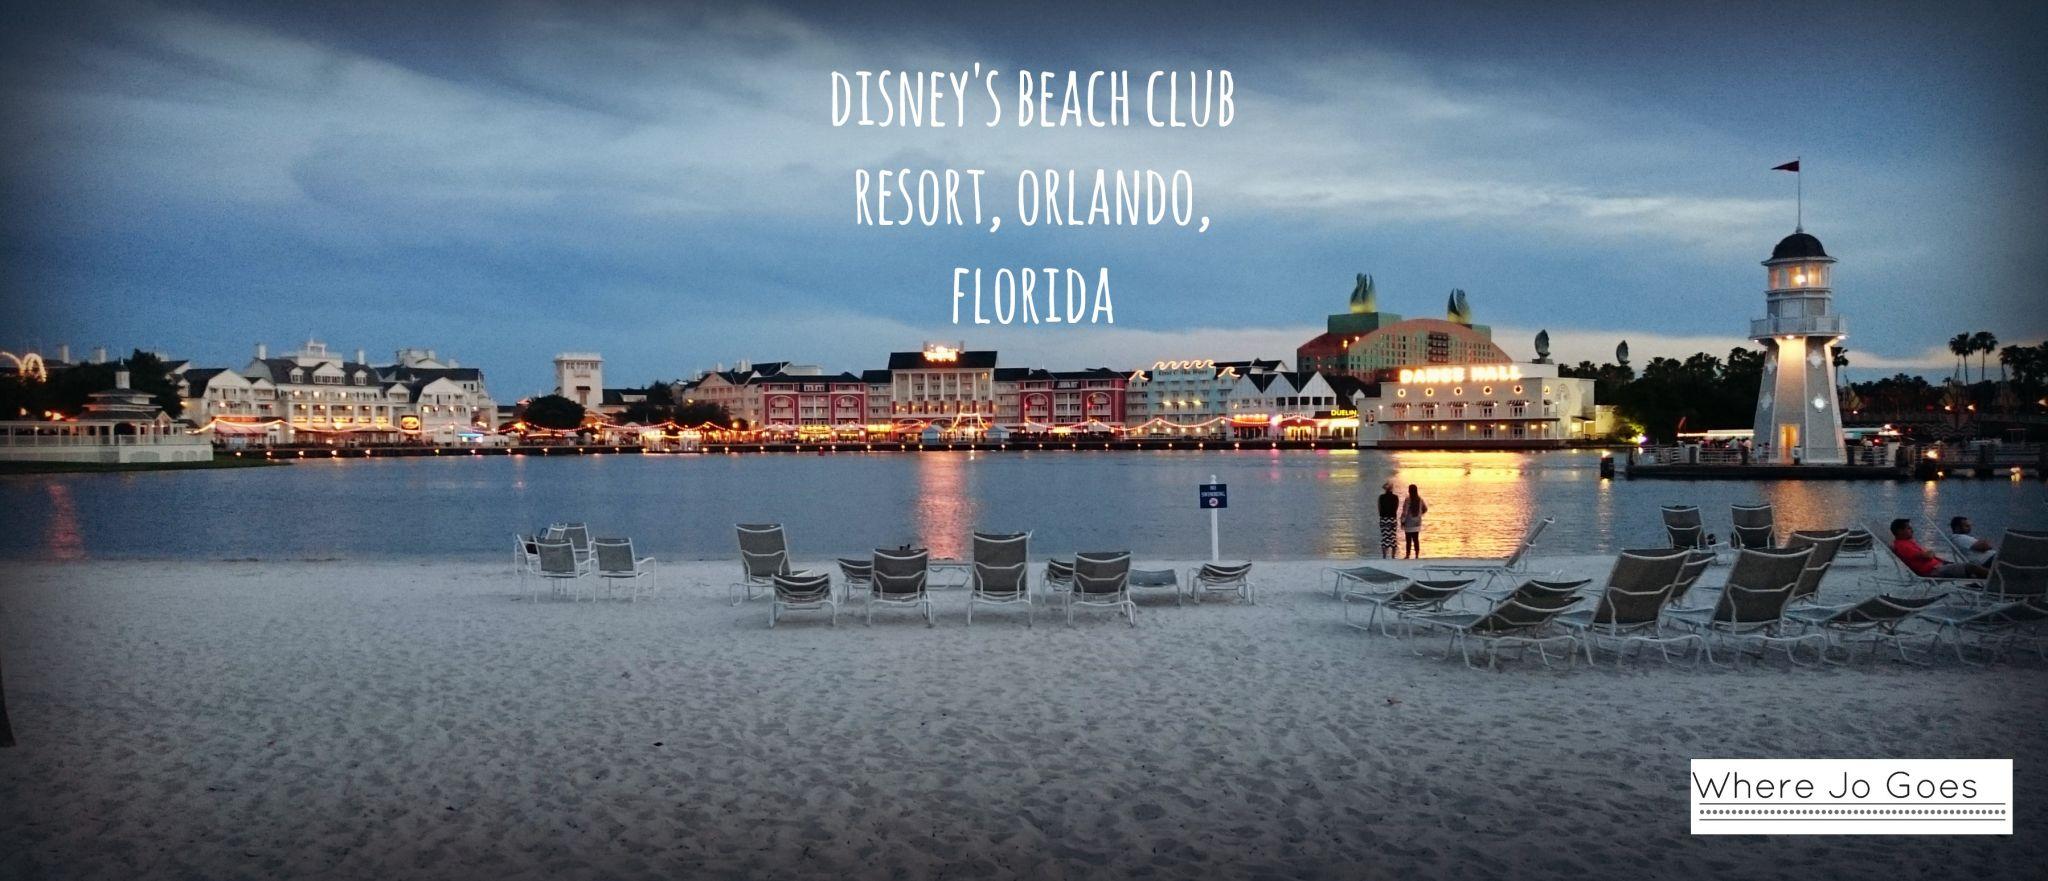 Disney S Beach Club Resort Review Disneyworld Orlando Florida